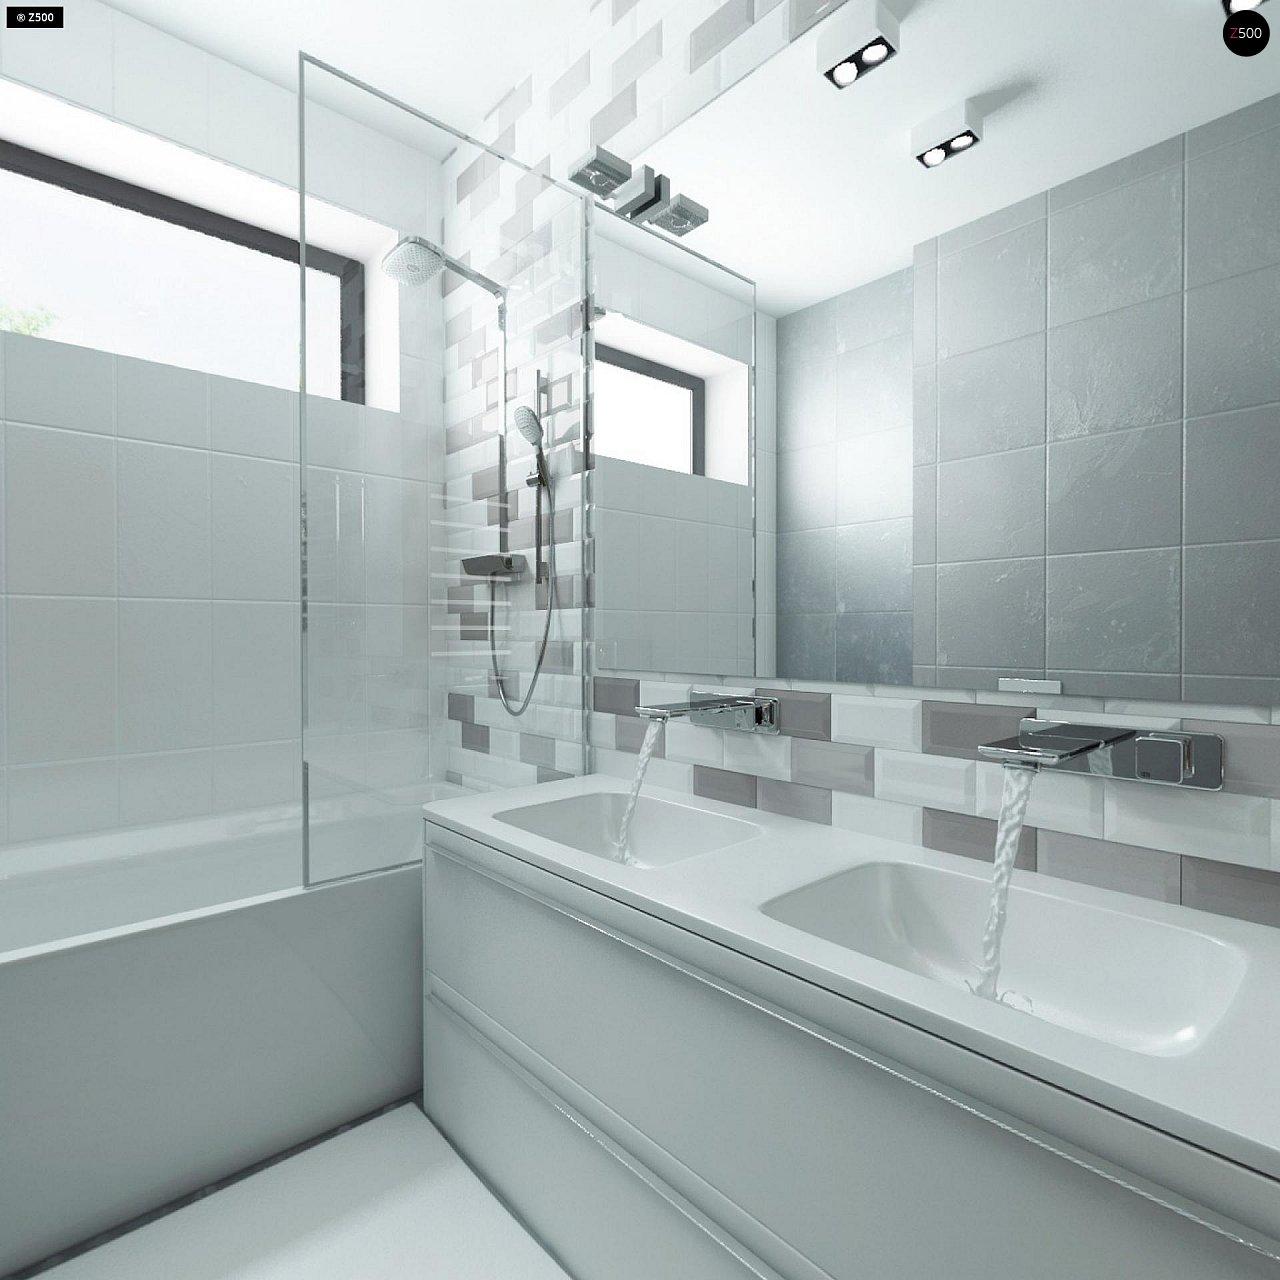 Современный комфортабельный одноэтажный дом с функциональным интерьером и уютной террасой. 20